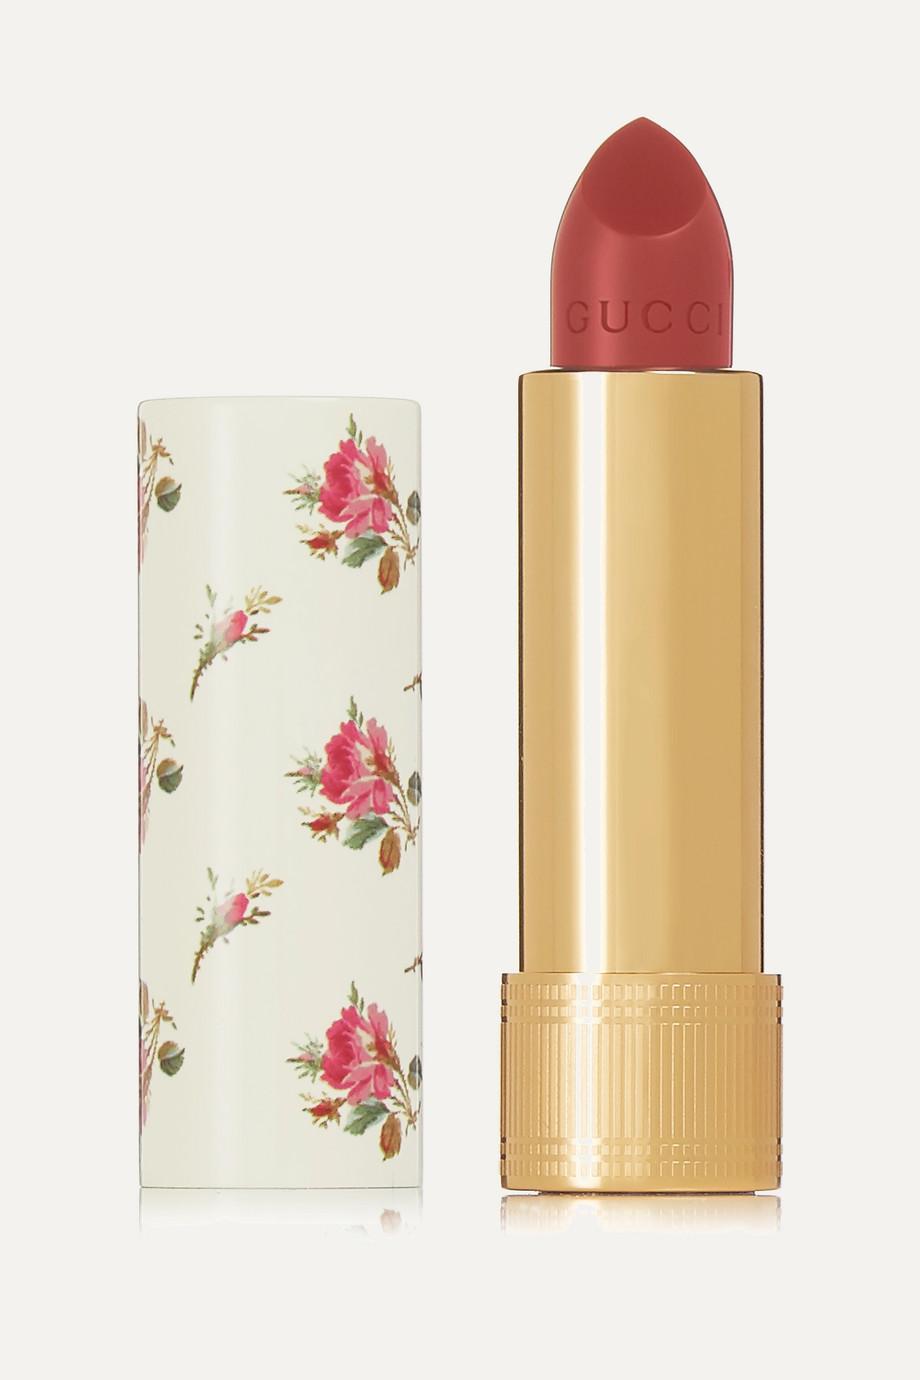 Gucci Beauty Rouge à Lèvres Voile - The Painted Veil 201